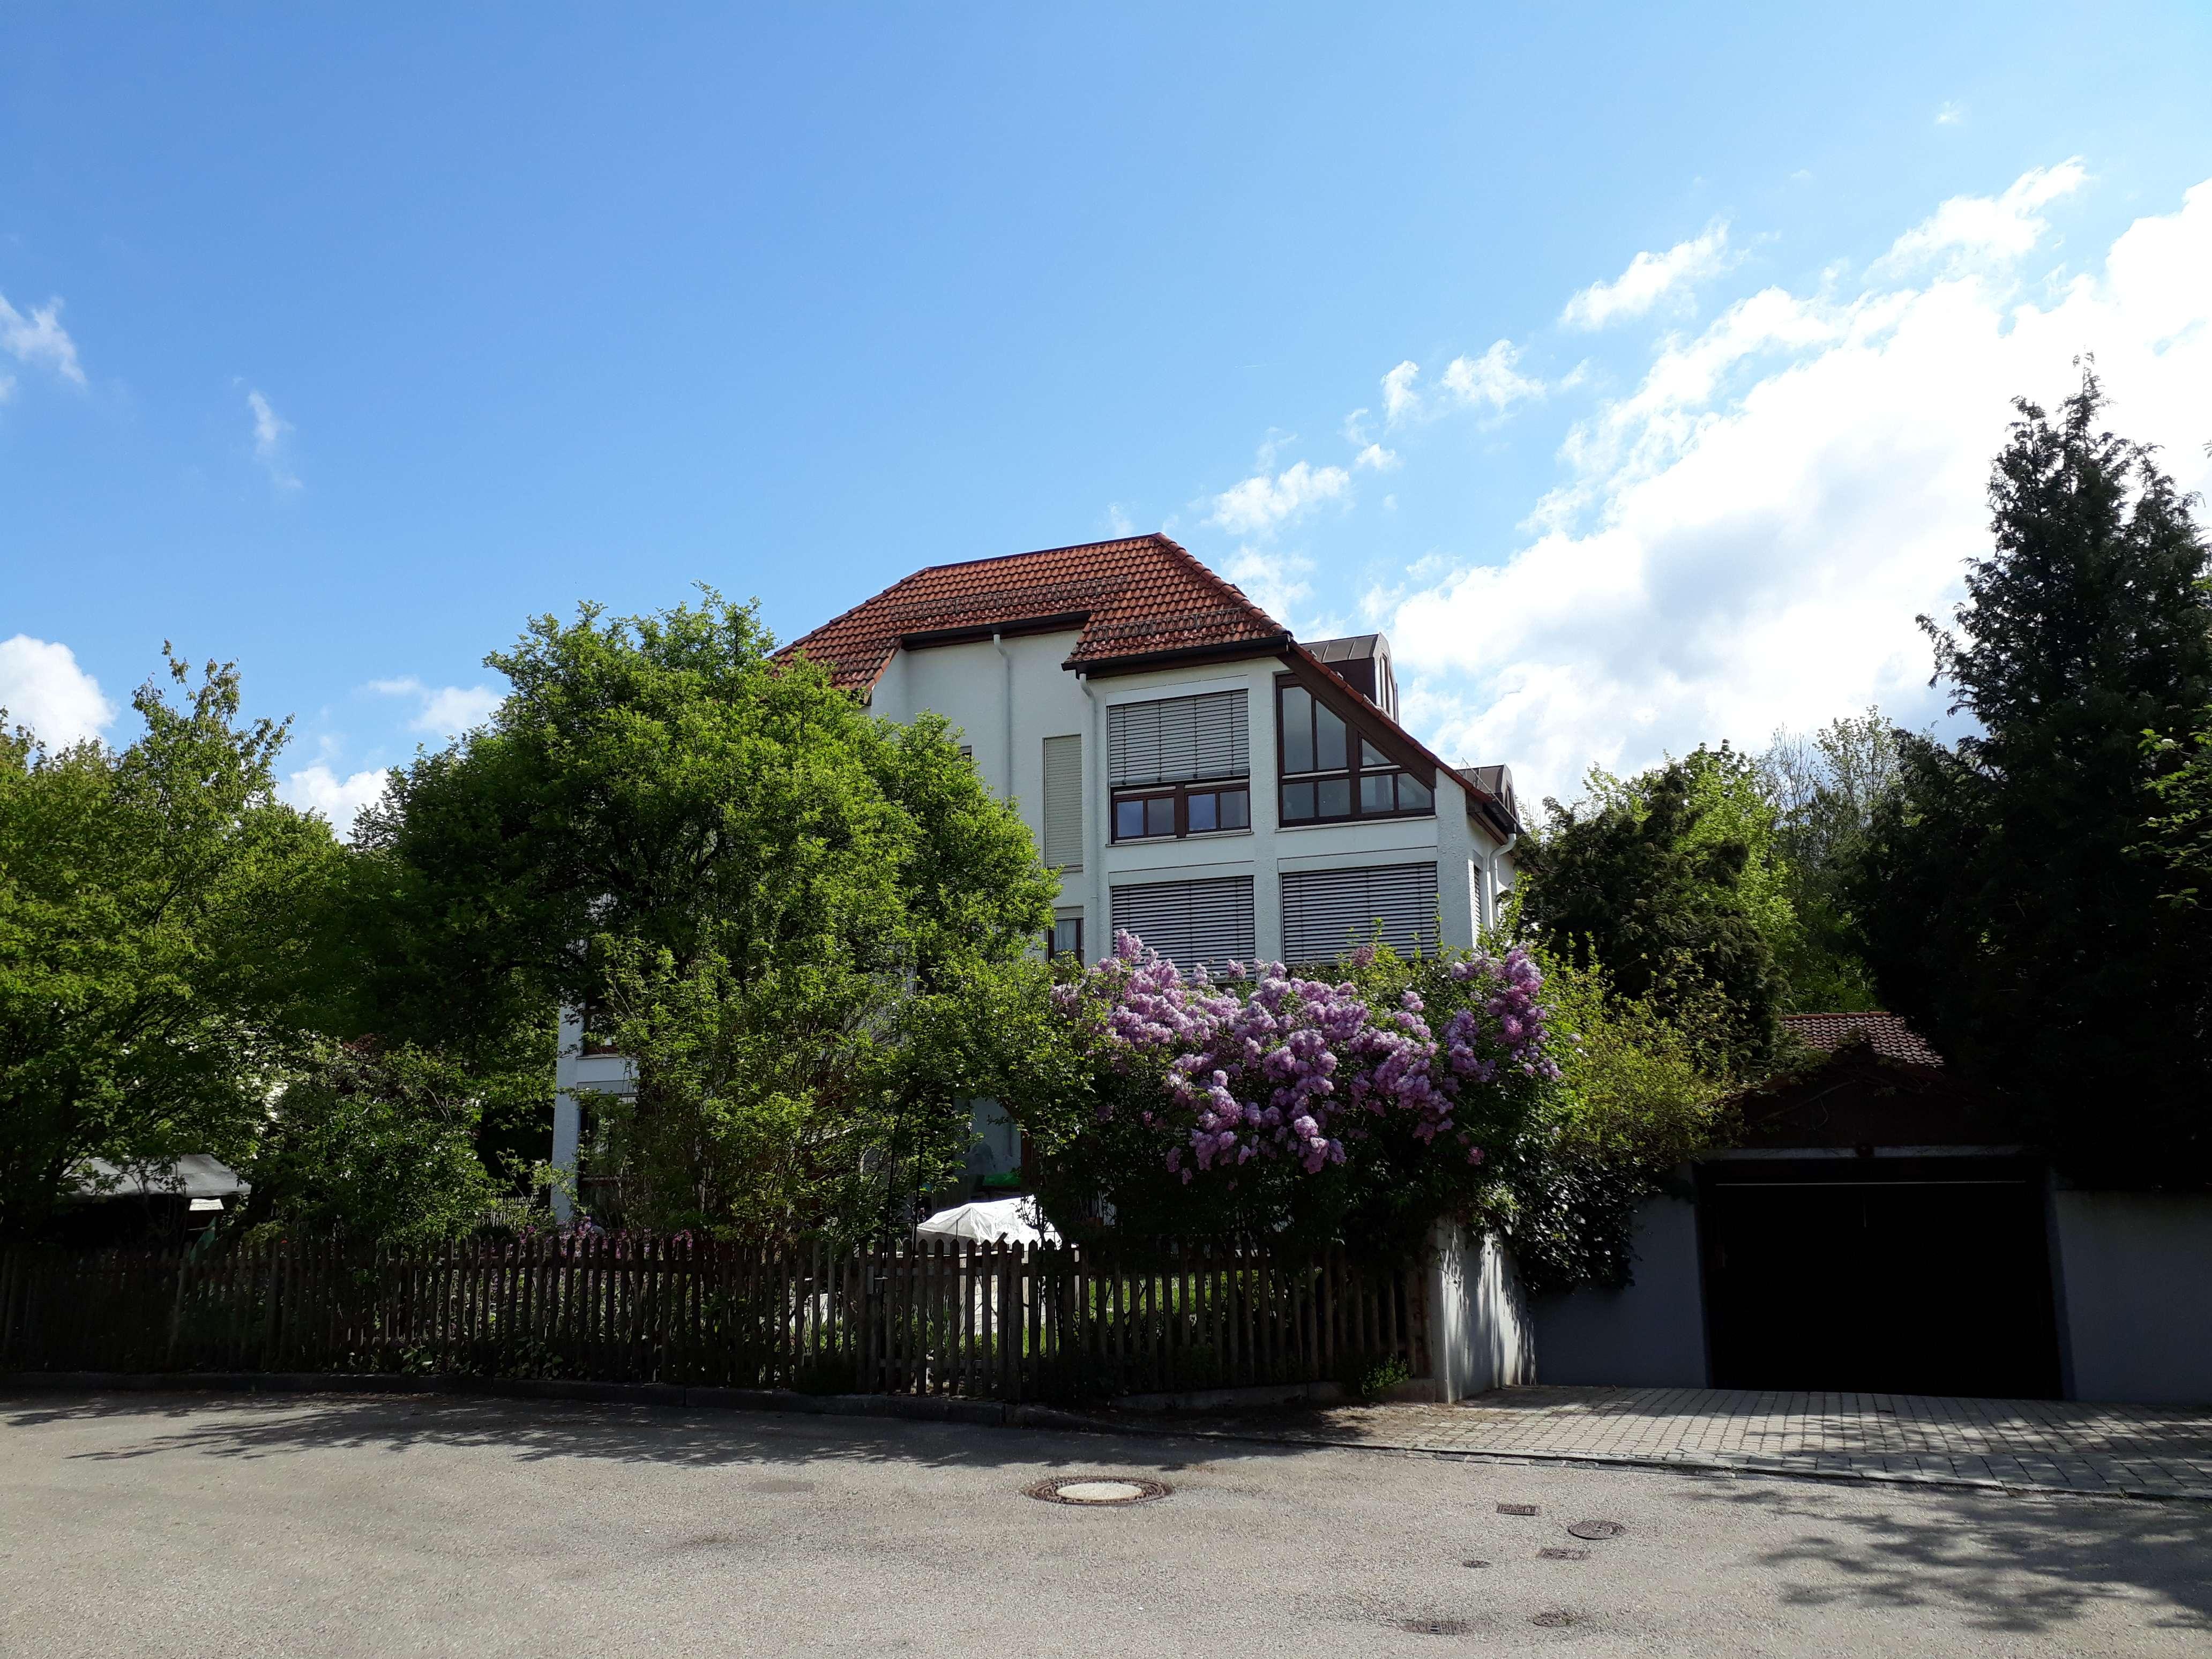 Schöne 3,5-Zimmer-Maisonette-Wohnung Nähe Kuhsee in Hochzoll (Augsburg)